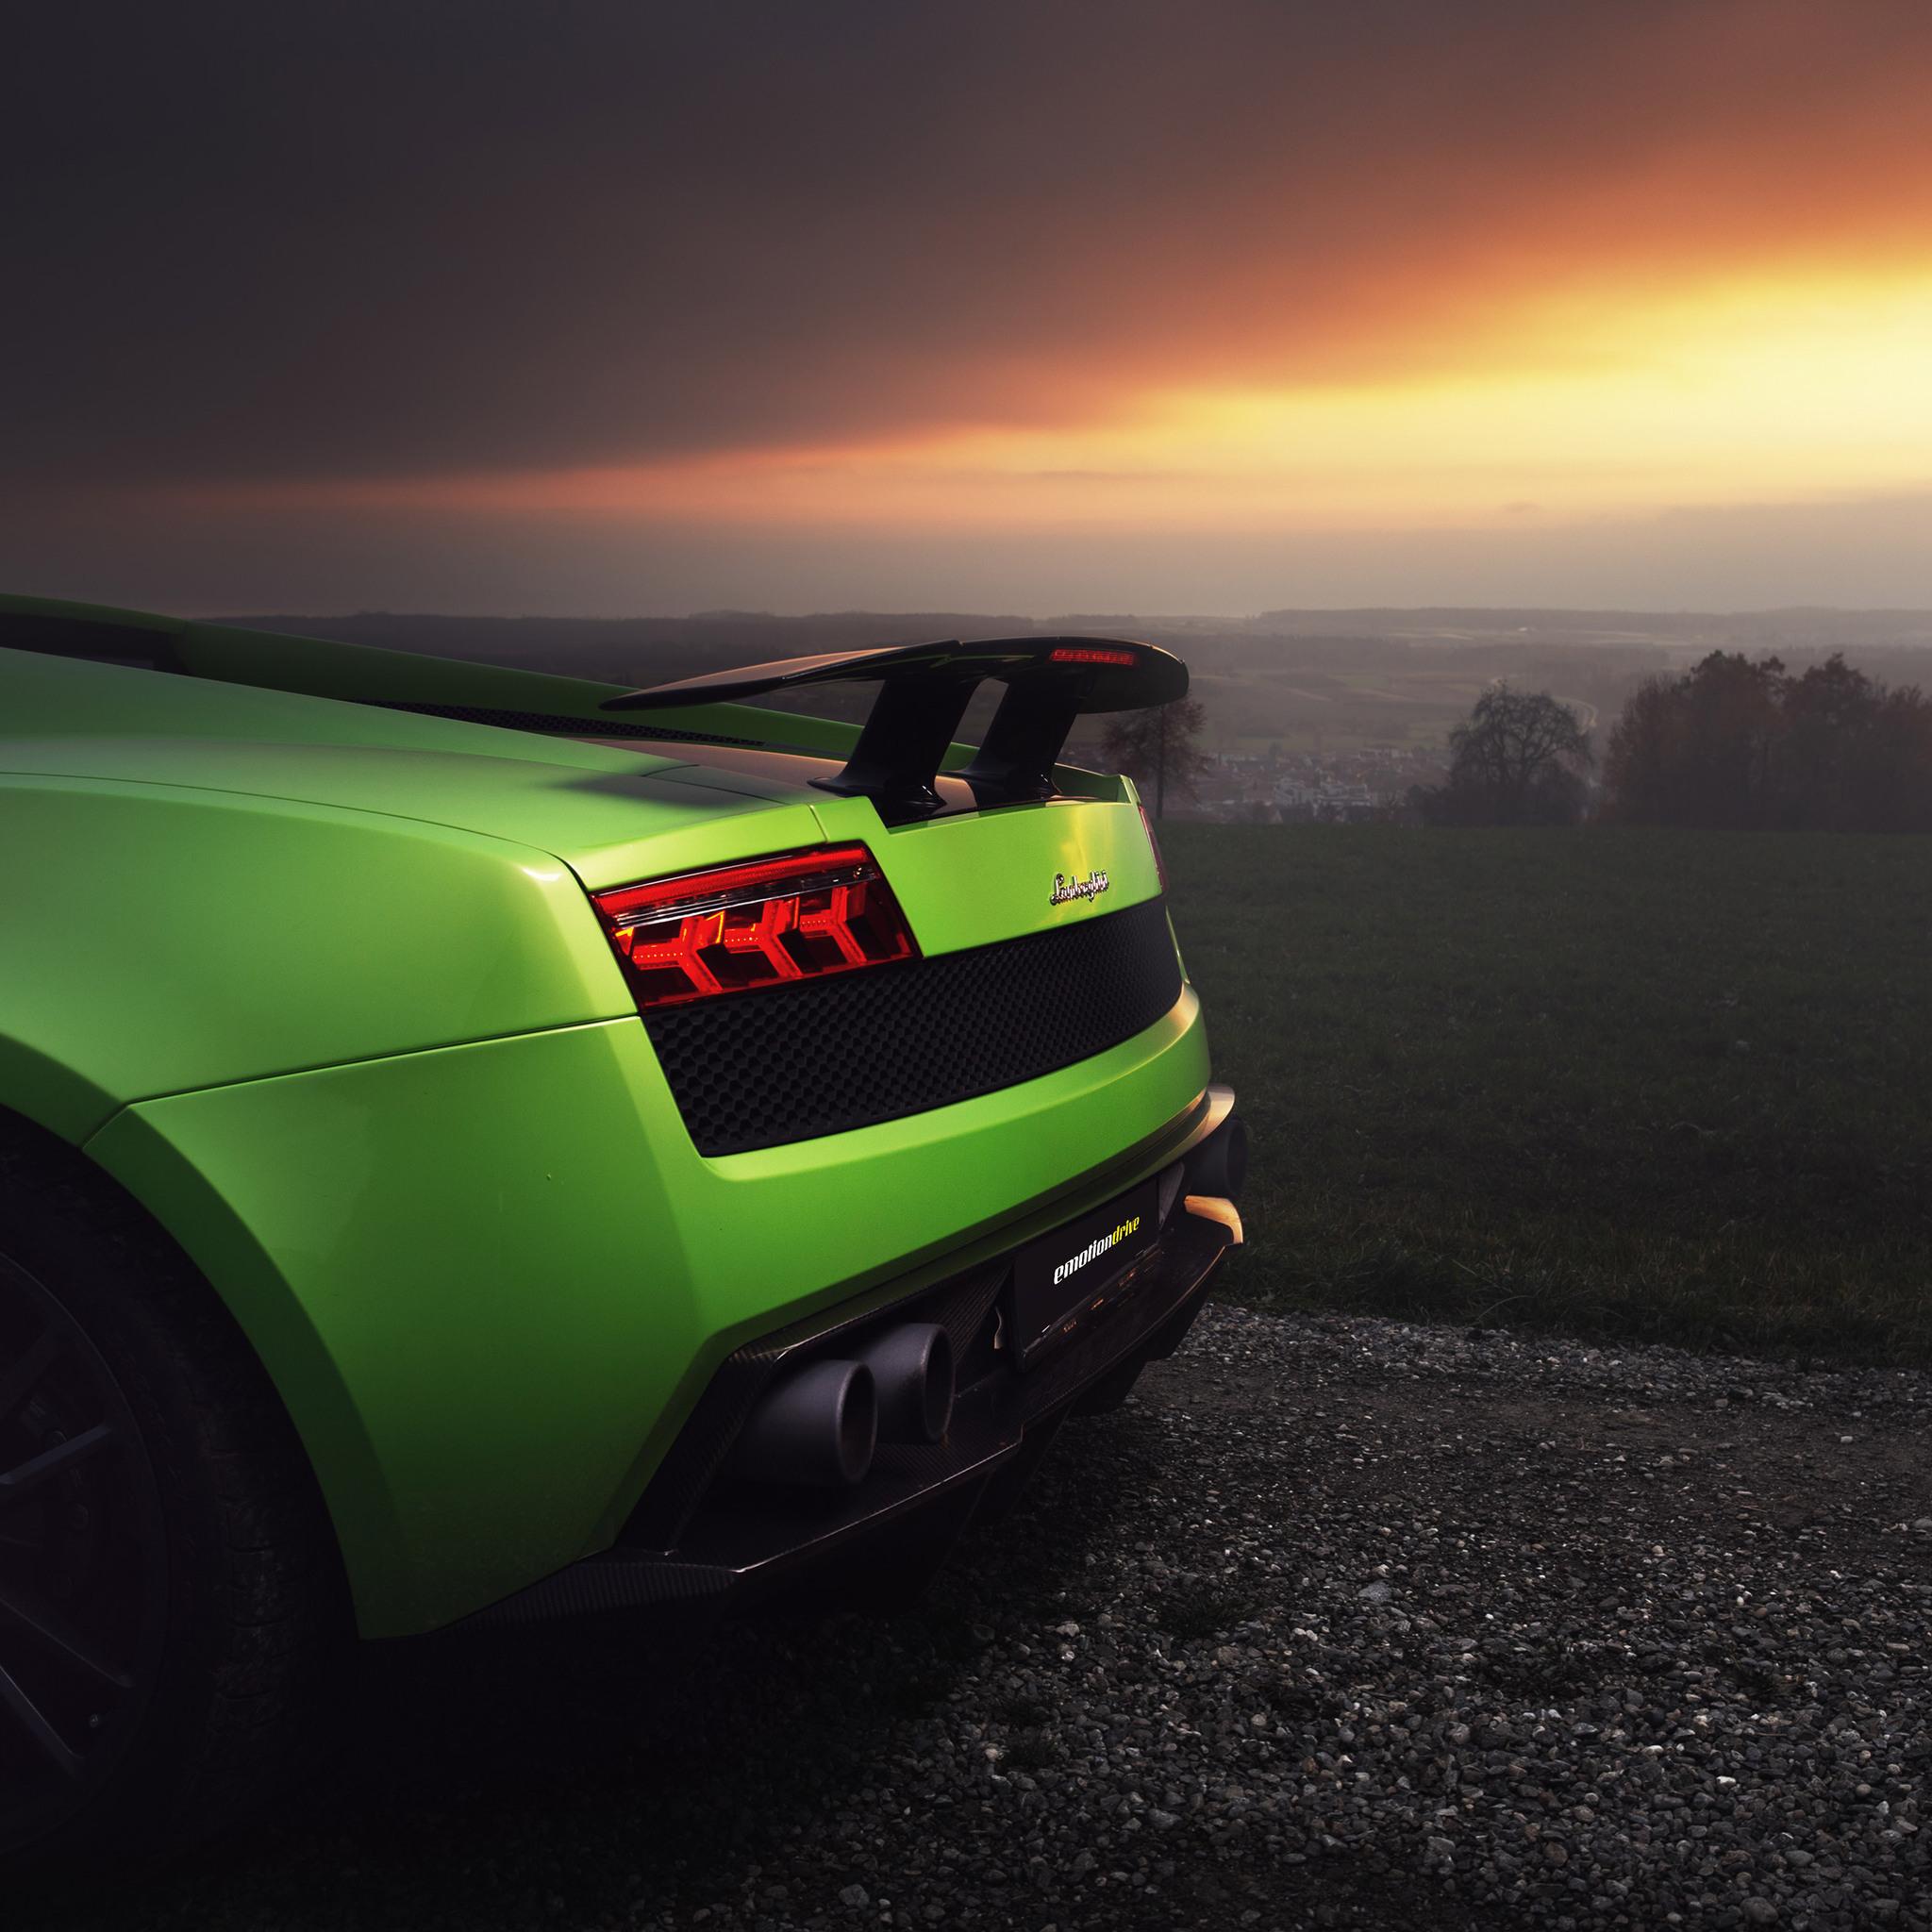 2048x2048 Lamborghini Gallardo Superleggera HD Ipad Air HD